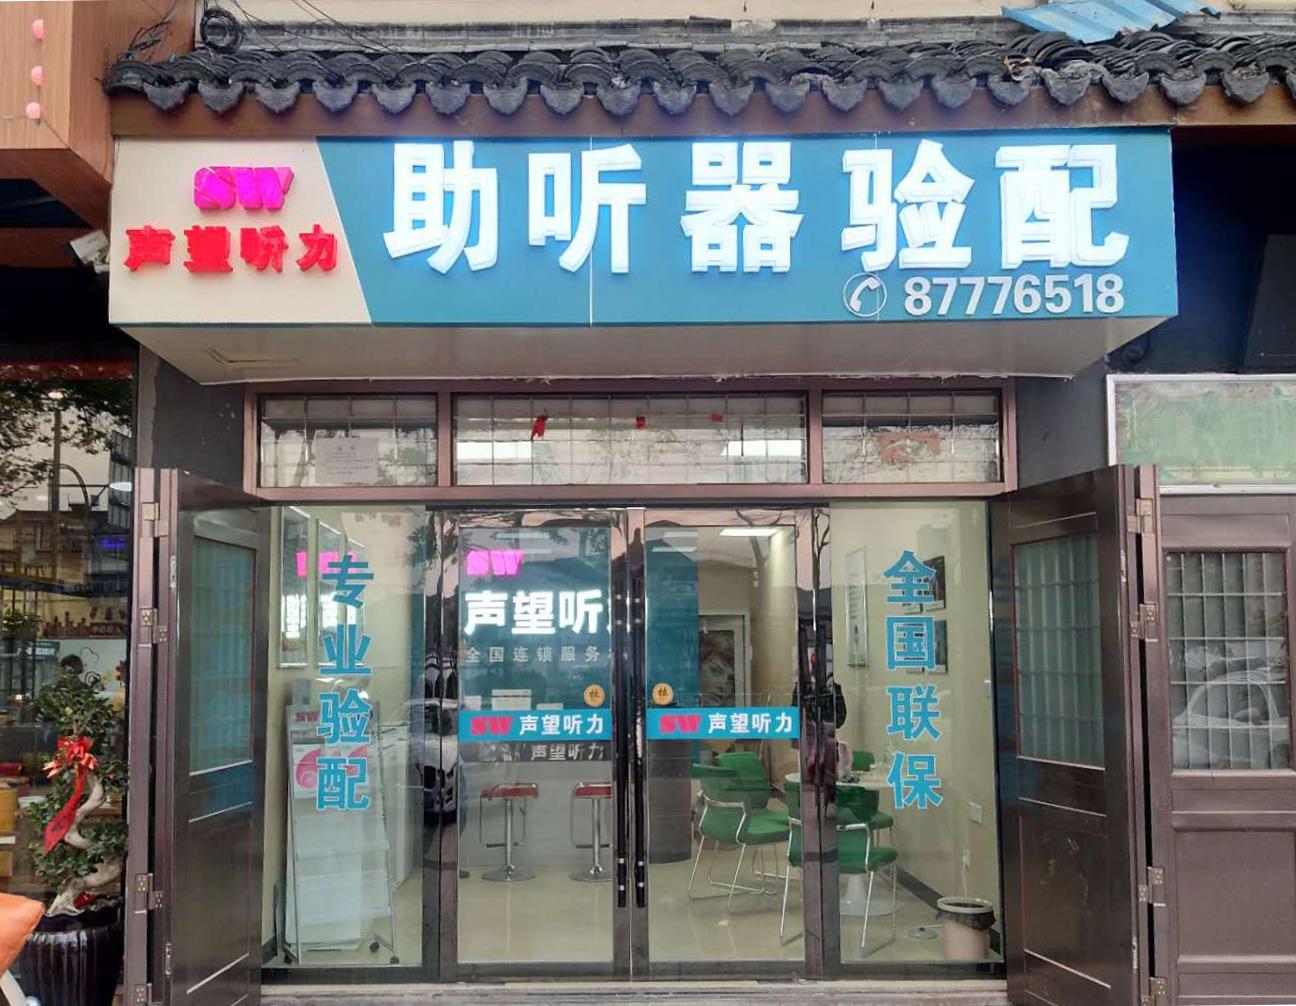 台州仙居店 验配环境展示